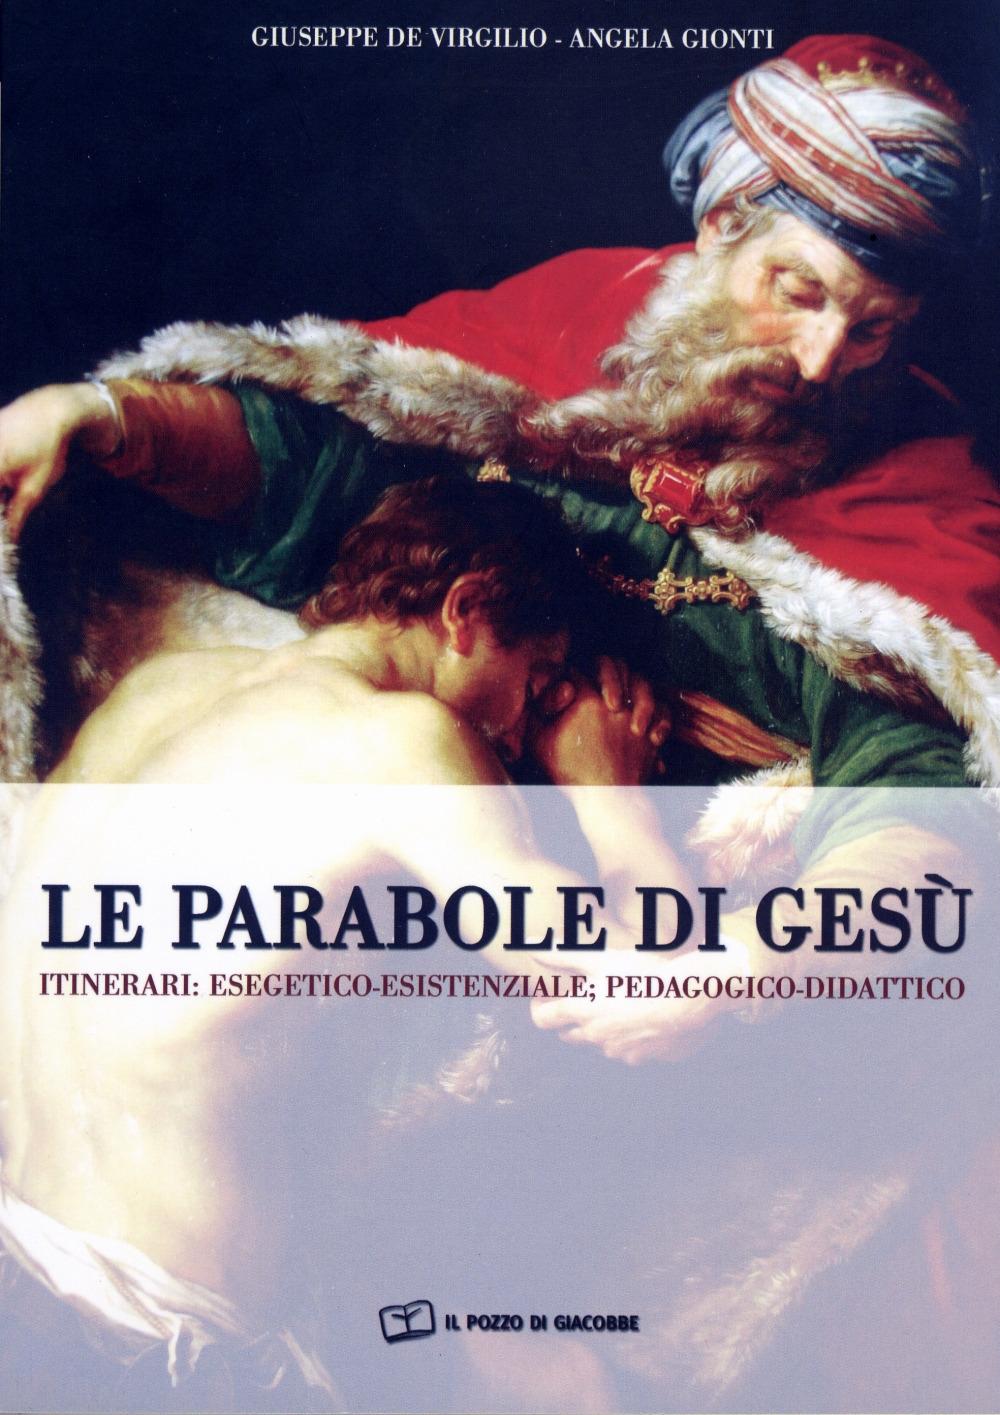 Le parabole di Gesù. Itinerari: esegetico-esistenziale; pedagogico-didattico